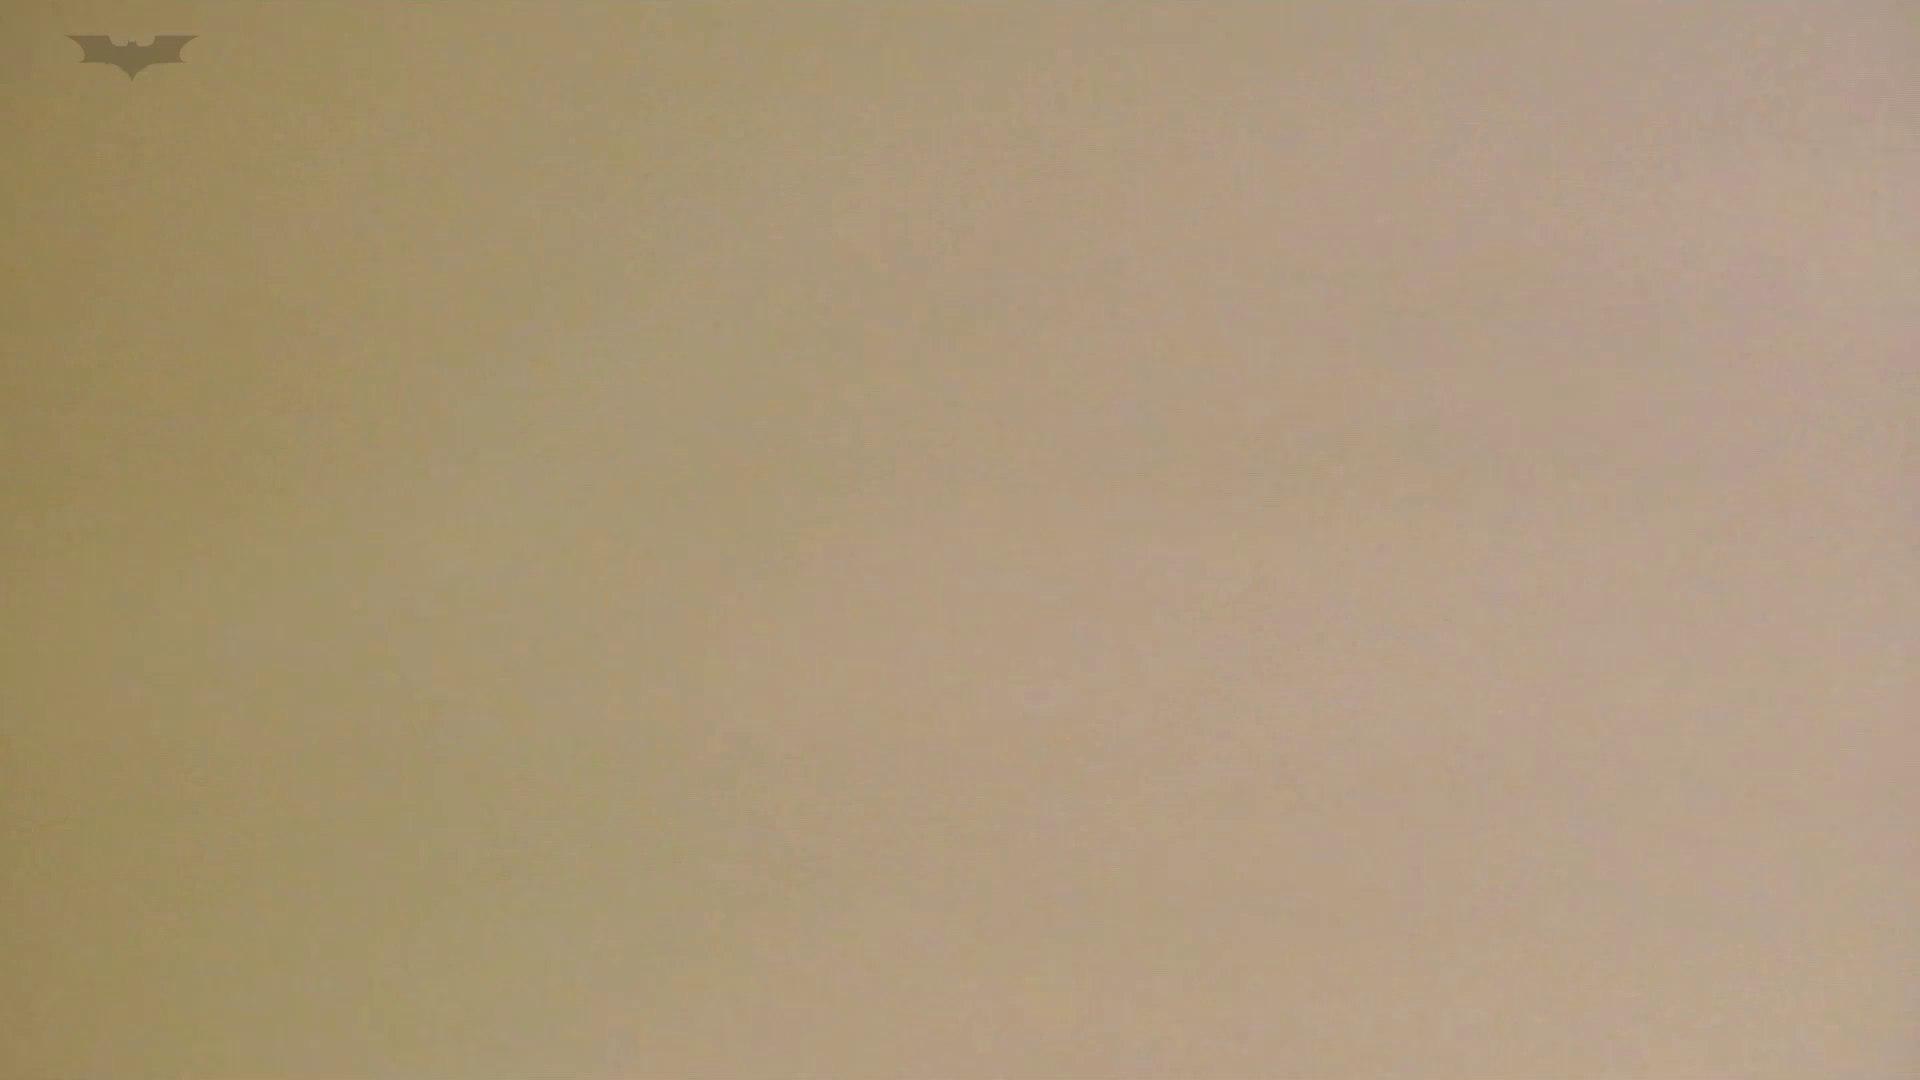 新世界の射窓 No78 トリンドル 玲奈似登場シリーズ美女率最高作! 美女 すけべAV動画紹介 112枚 71